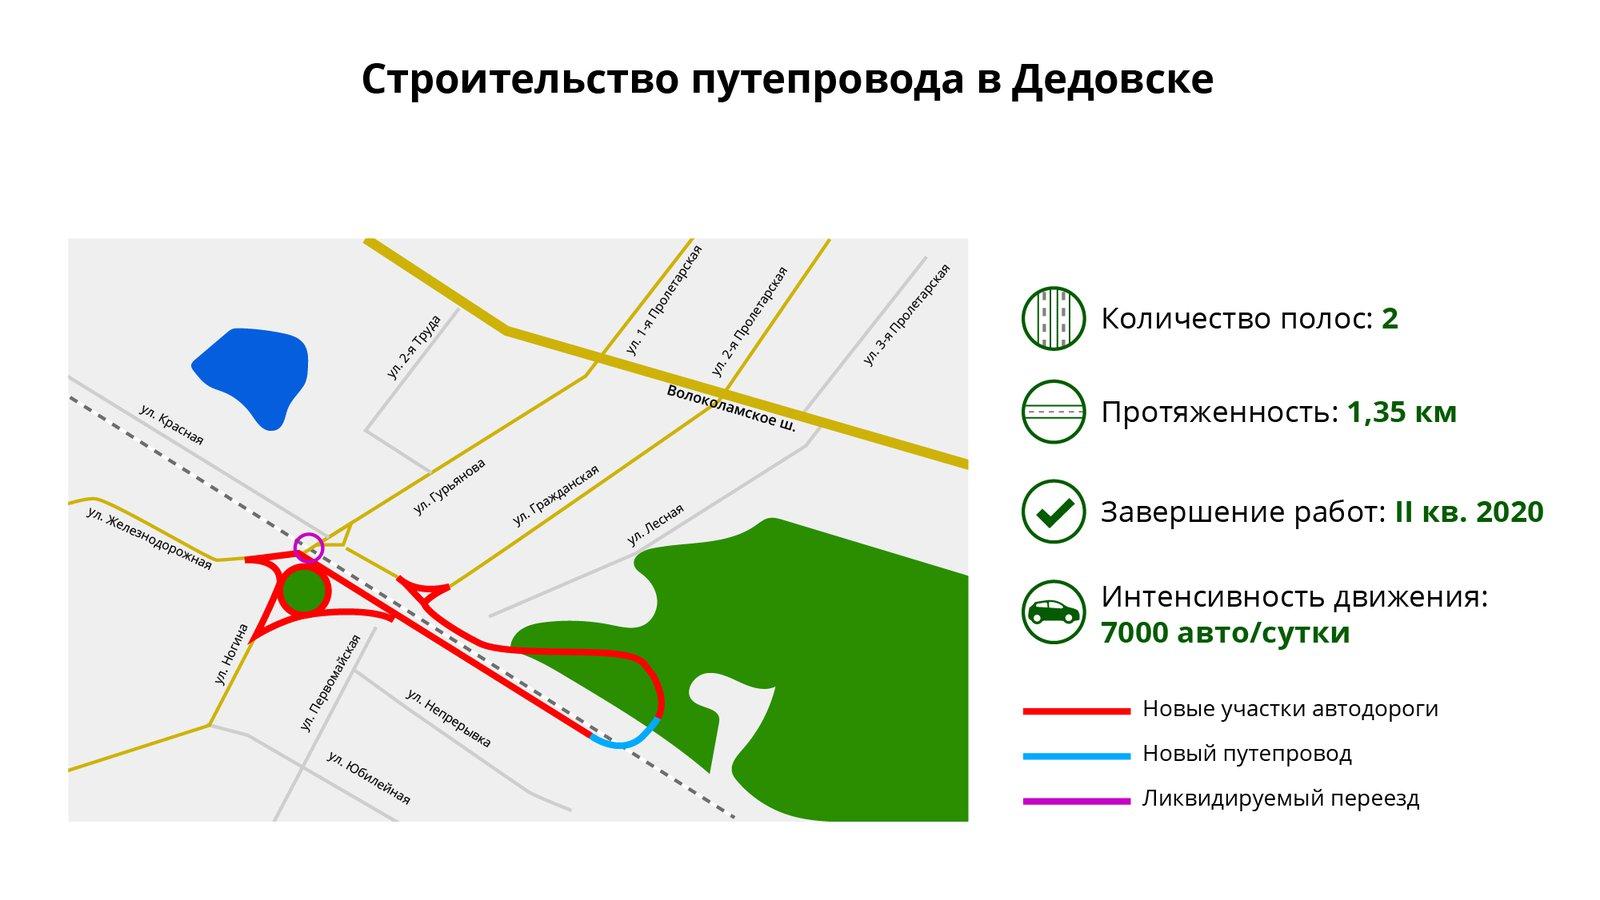 Андрей Воробьев губернатор московской области - Обновление транспортной сети региона: новые мосты и путепроводы